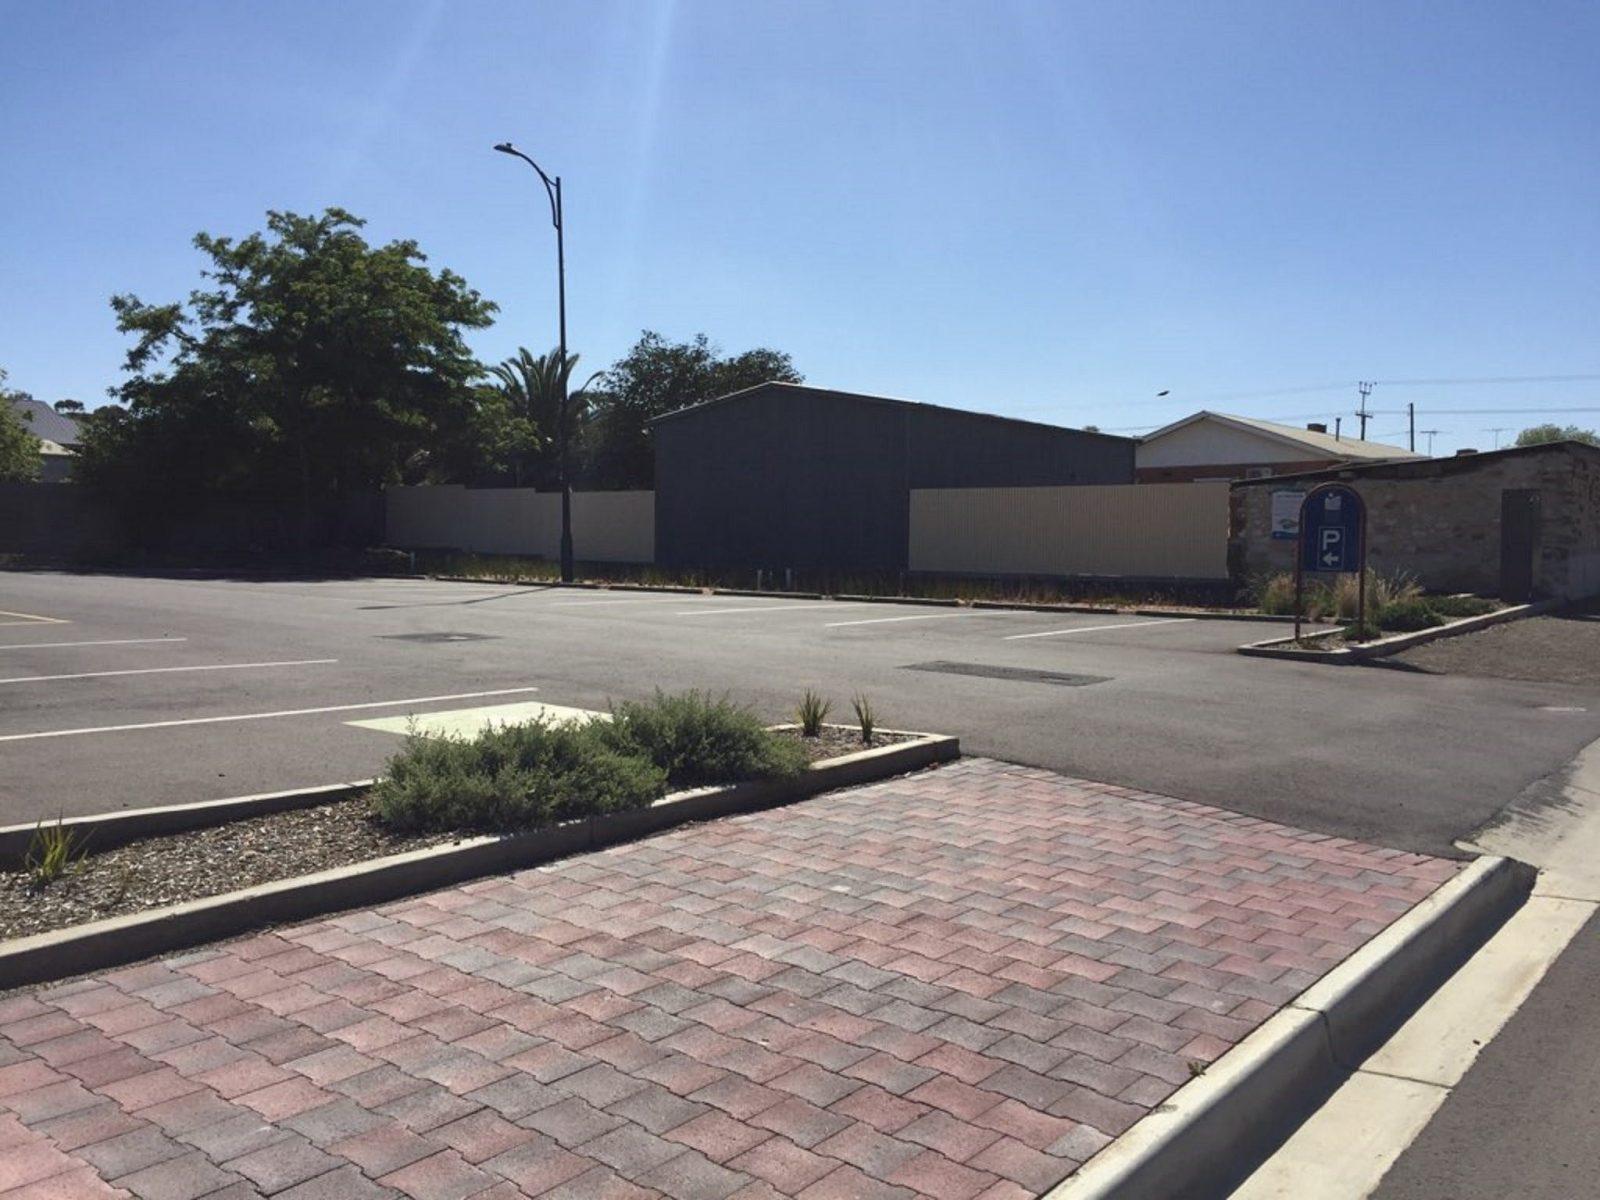 Kapunda Public Carpark